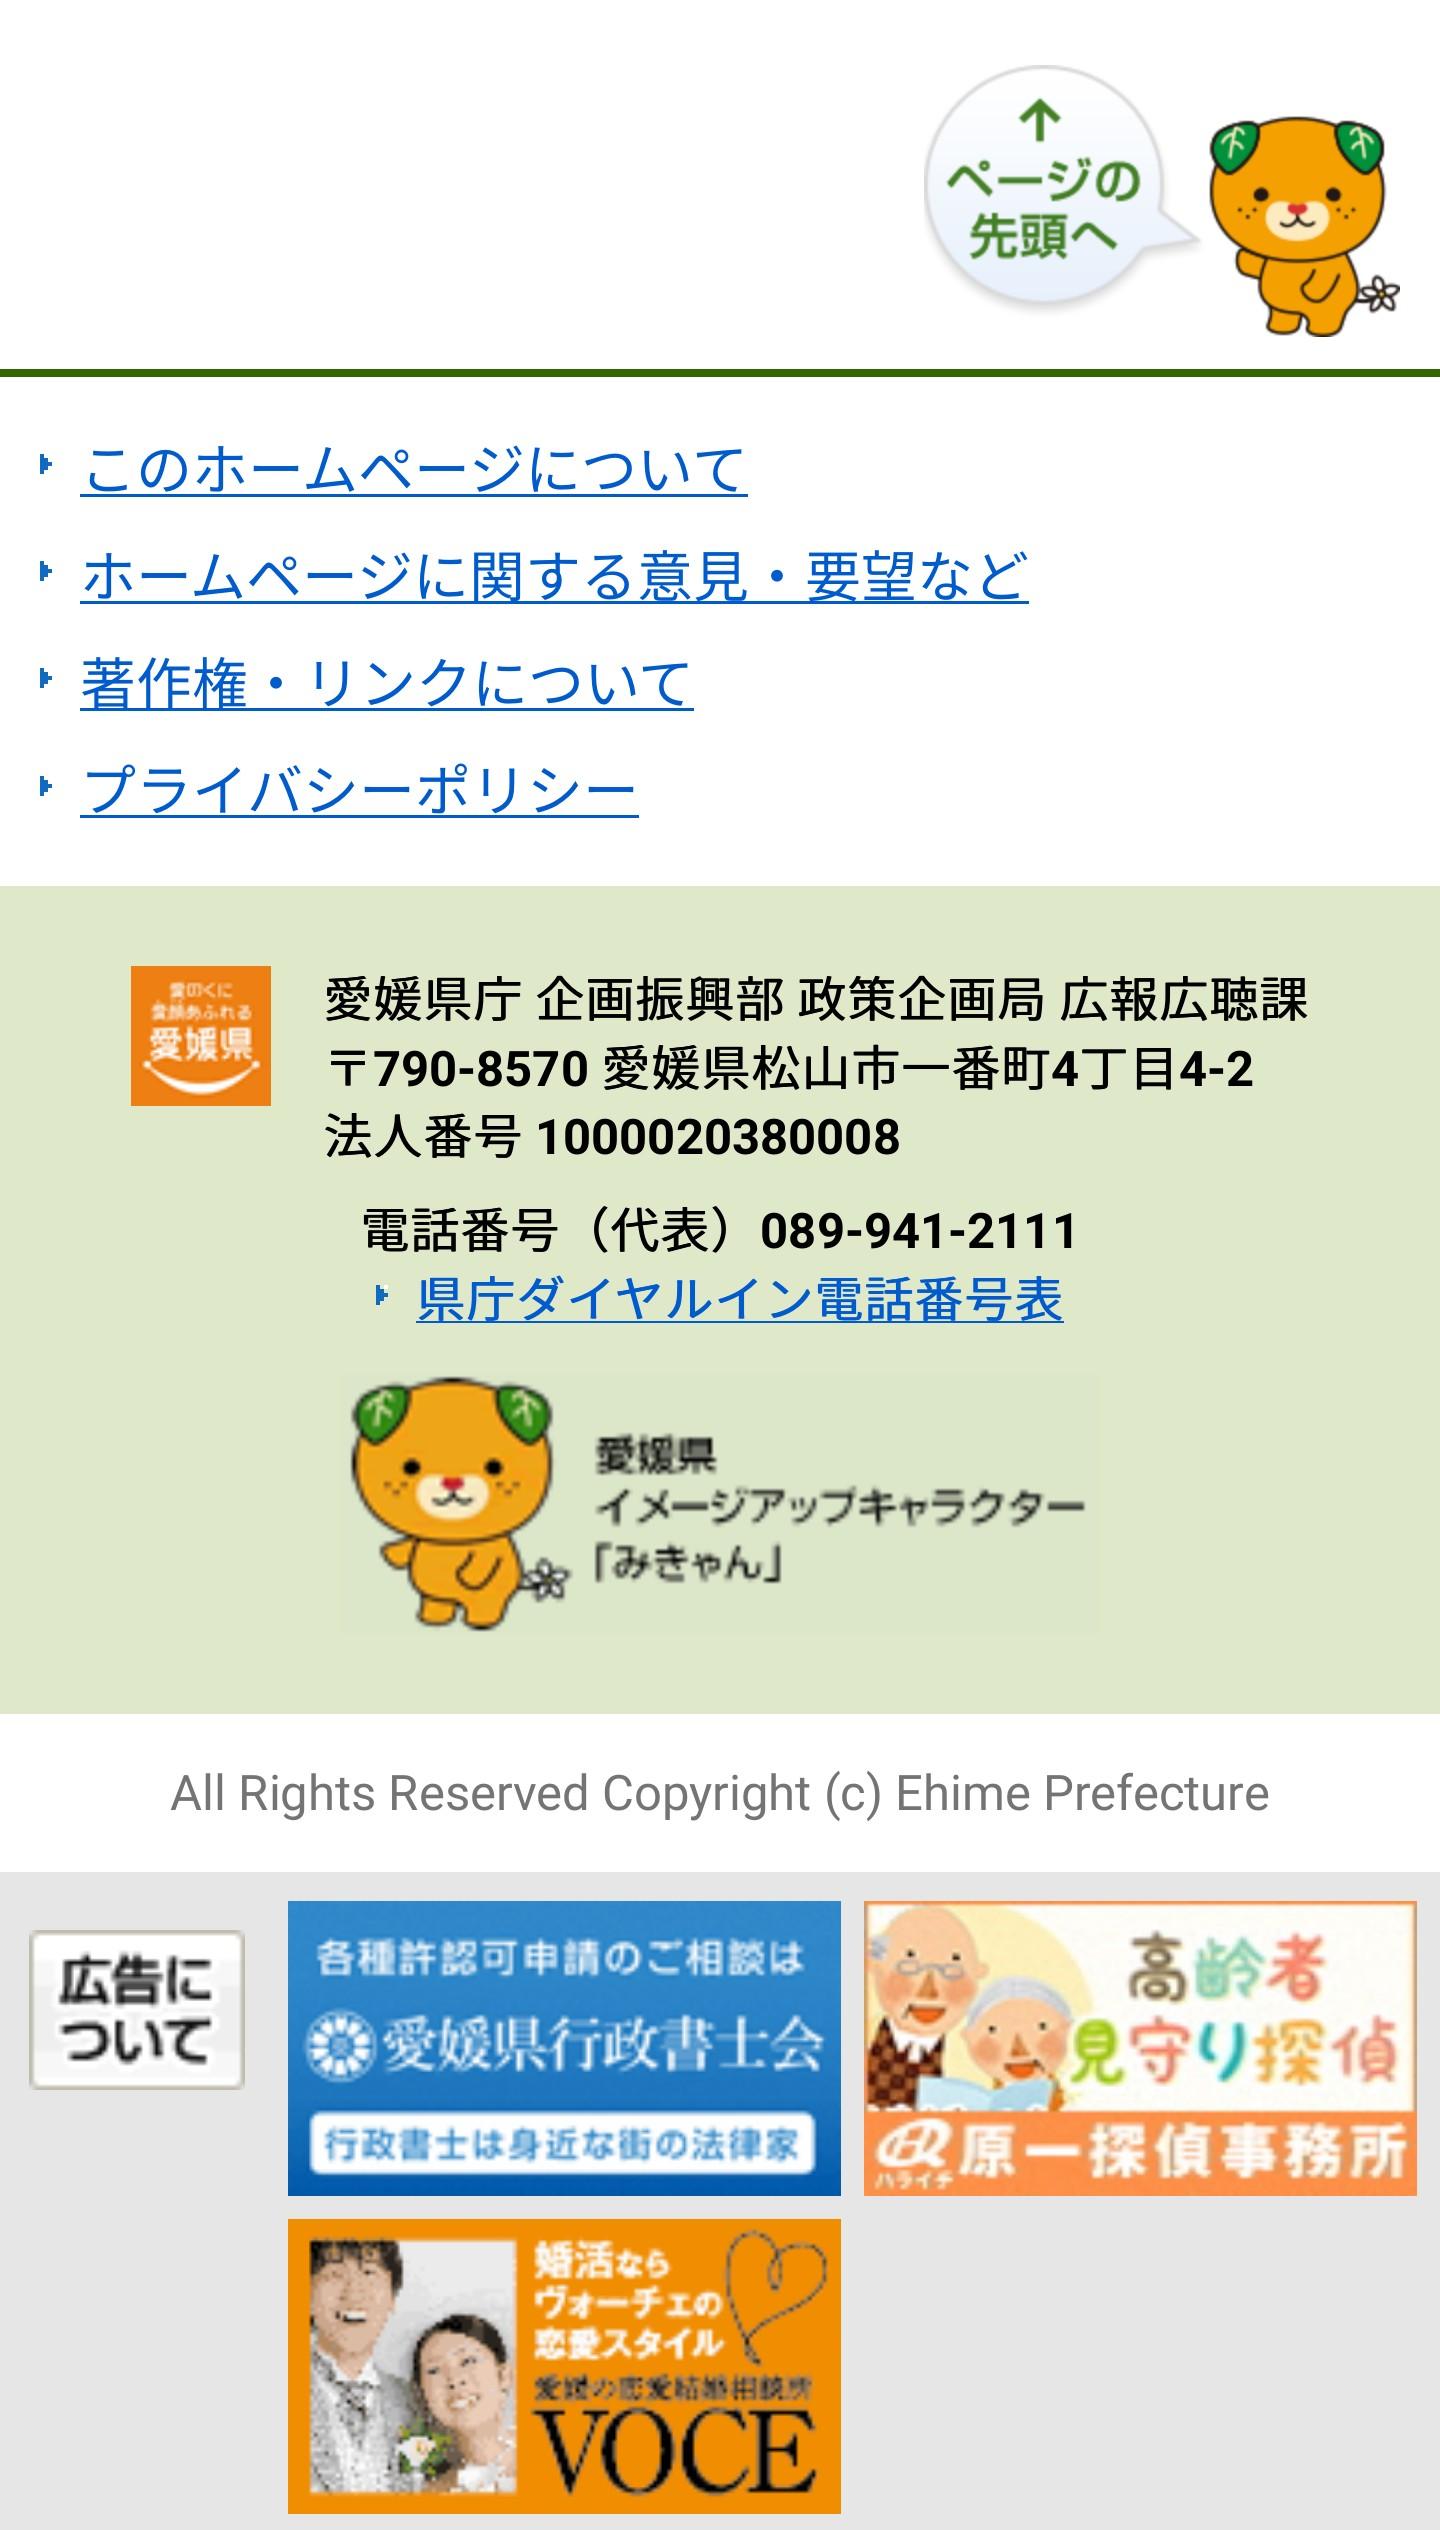 uzM8AnU - 【悲報】香川県さん、ゲーム規制条例で自演してた事がバレてしまい証拠隠滅し始める